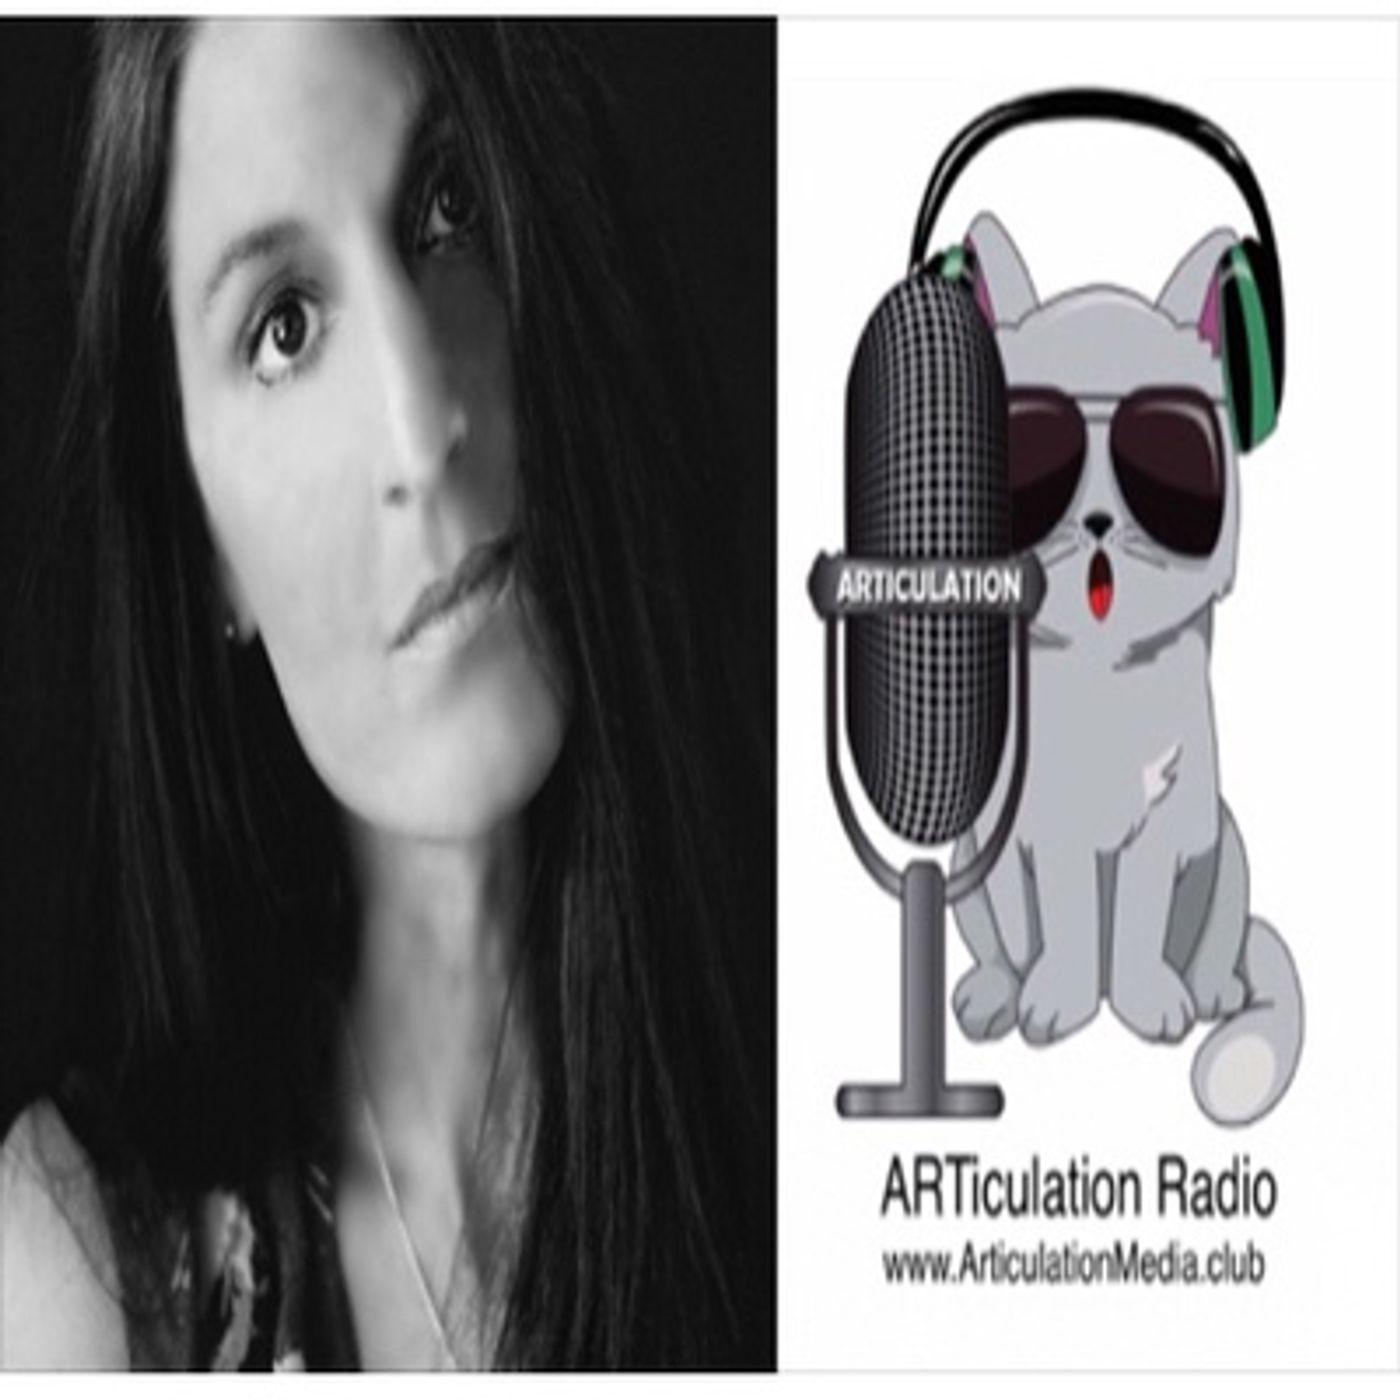 ARTiculation Radio — UMPIRING YOUR EMPIRE (interview w/ Jackie Bertolette)